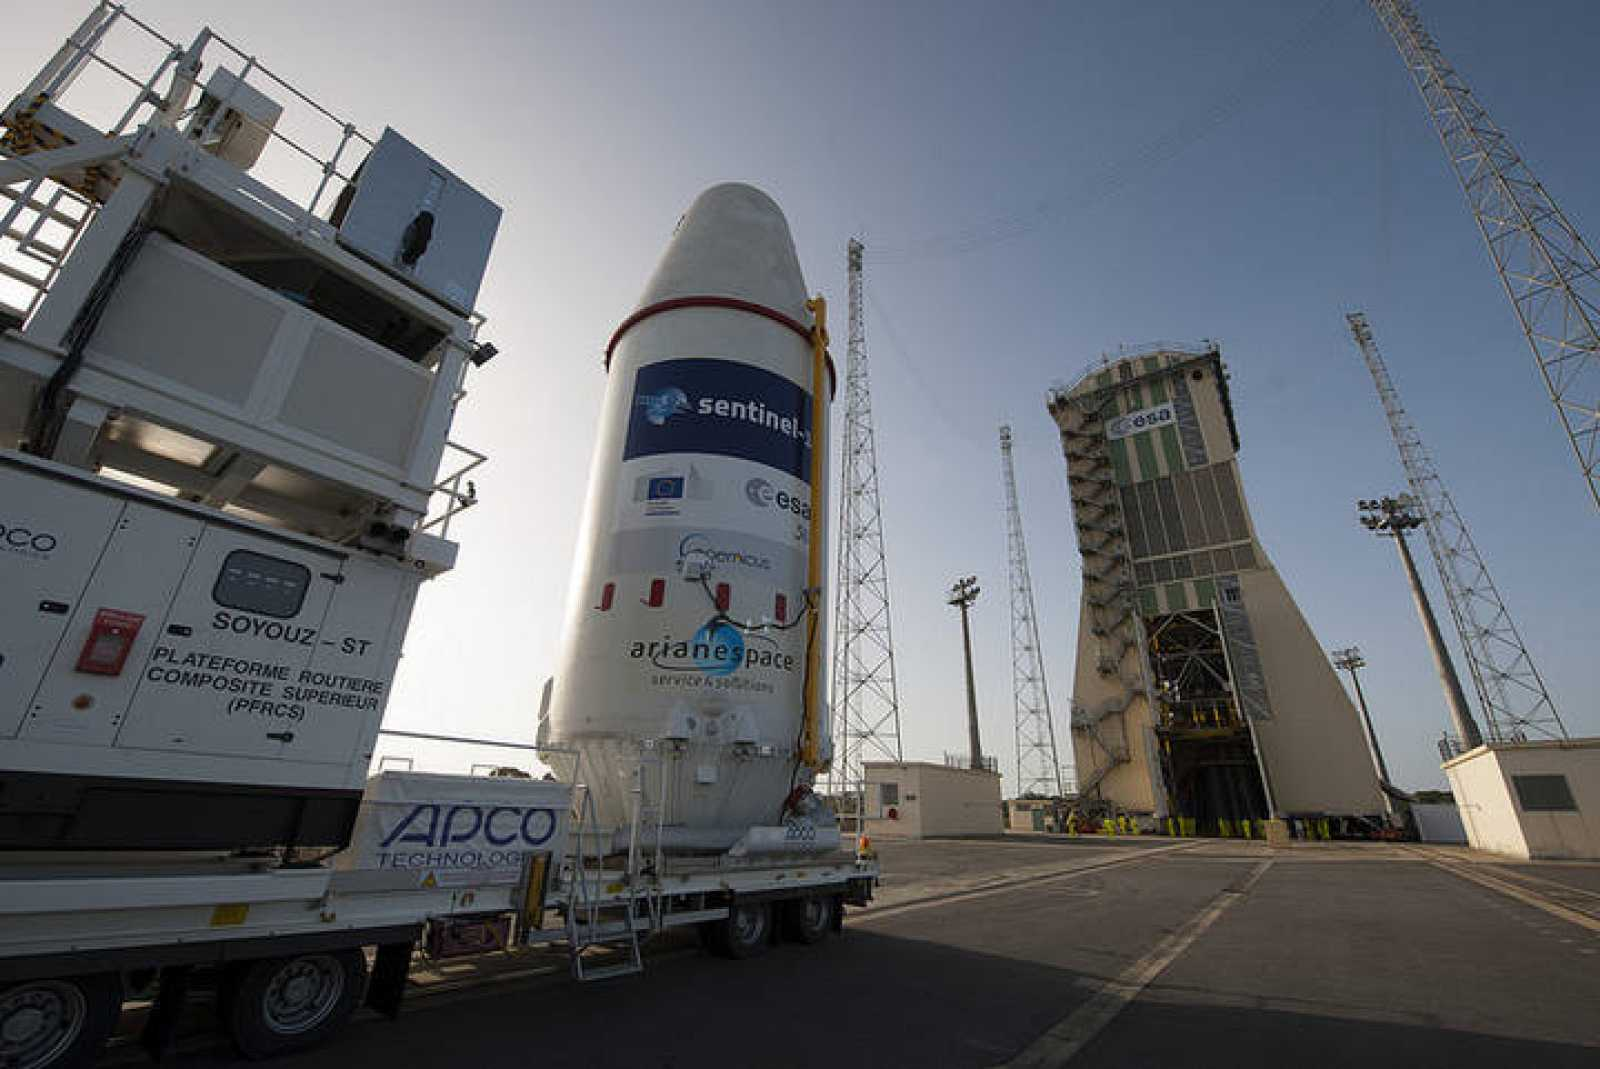 Traslado del primer satélite Sentinel a la plataforma de lanzamiento.